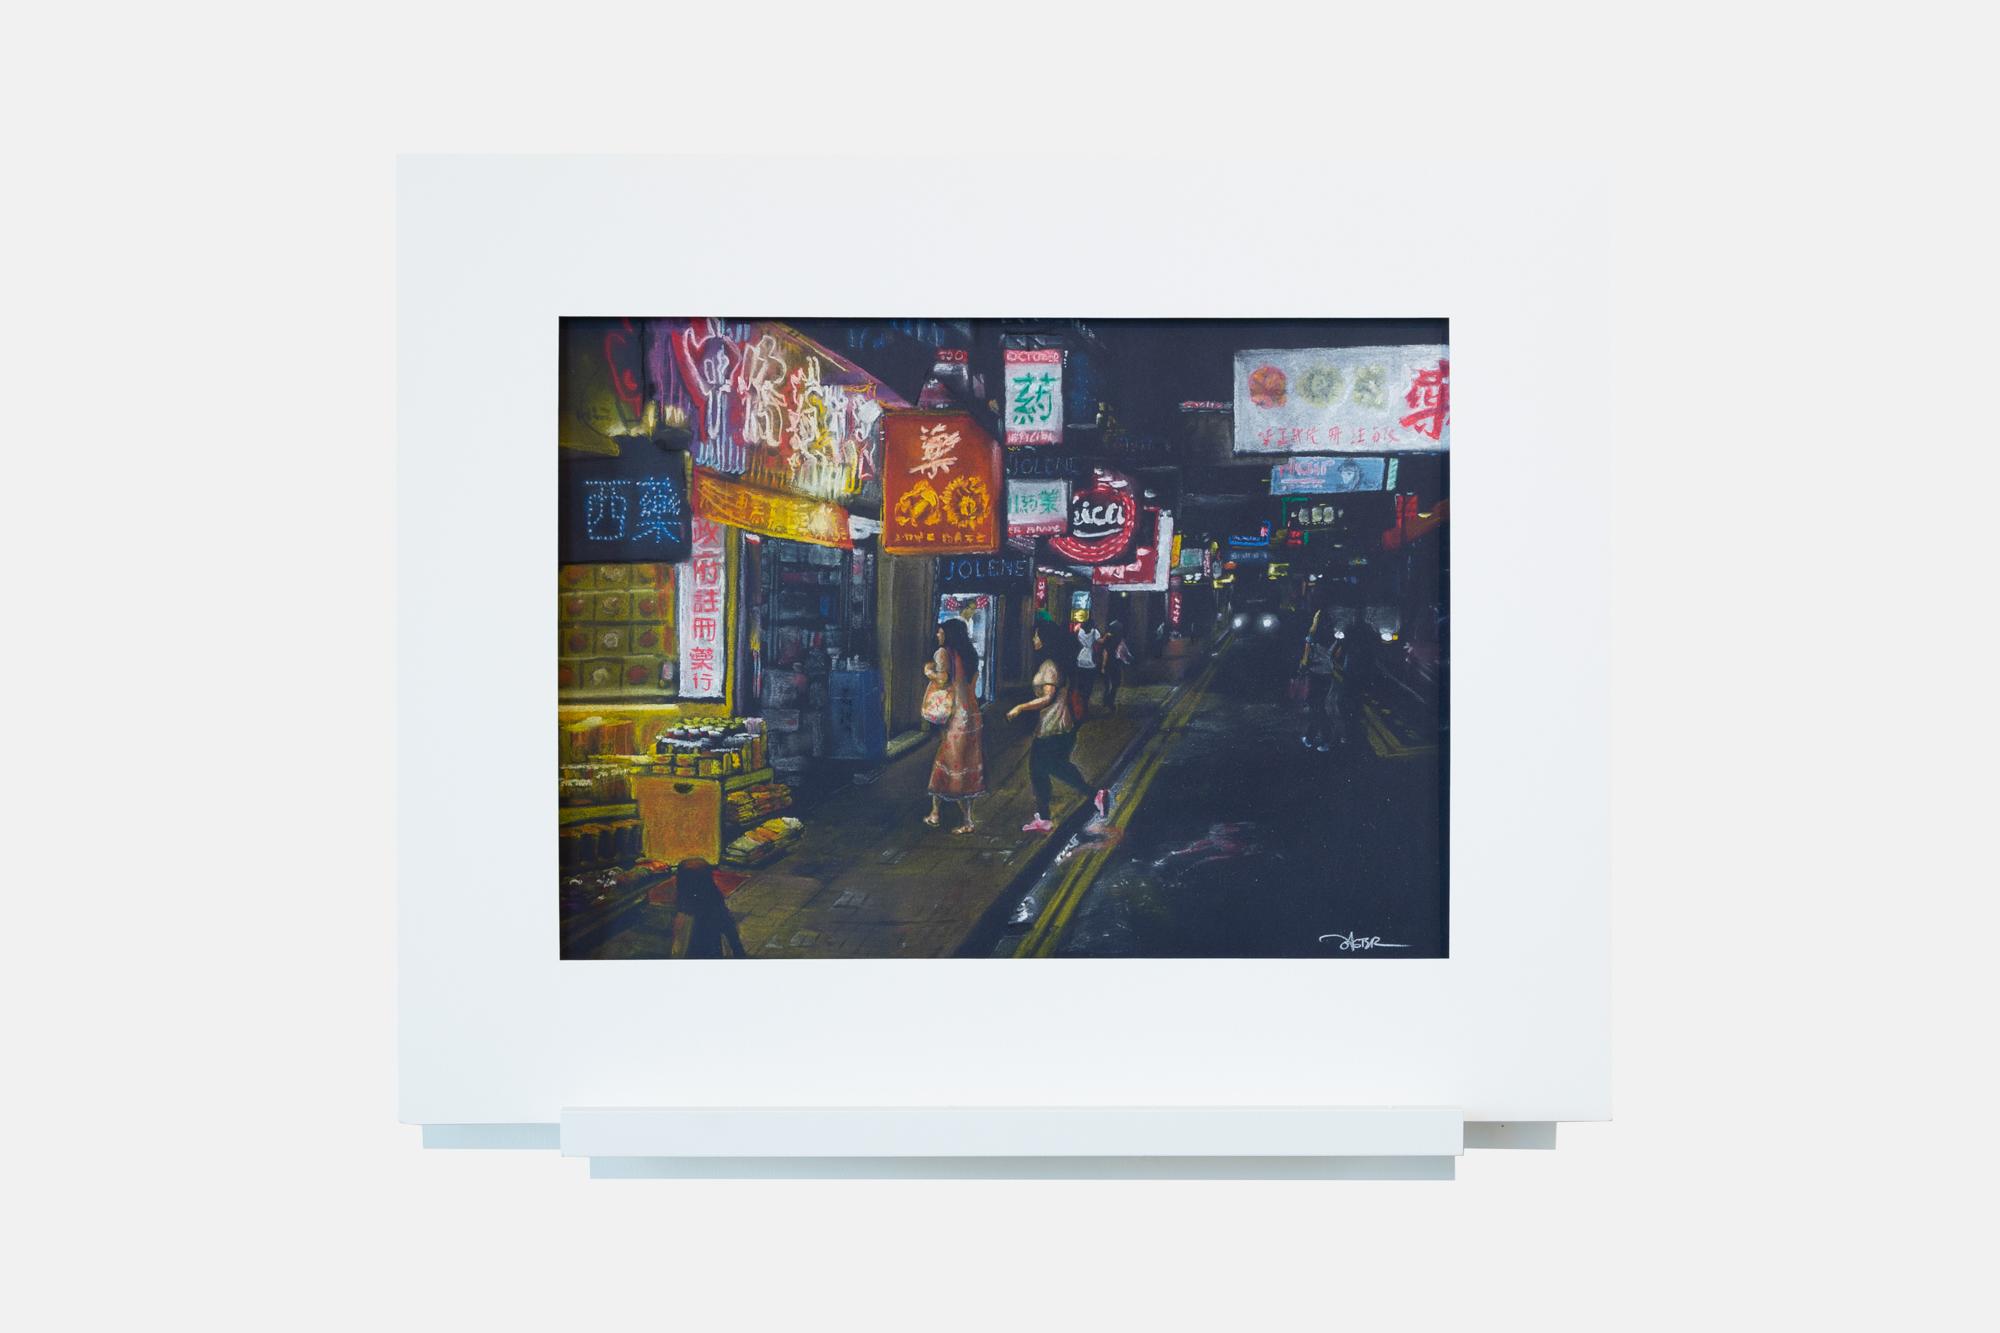 Neon Kowloon